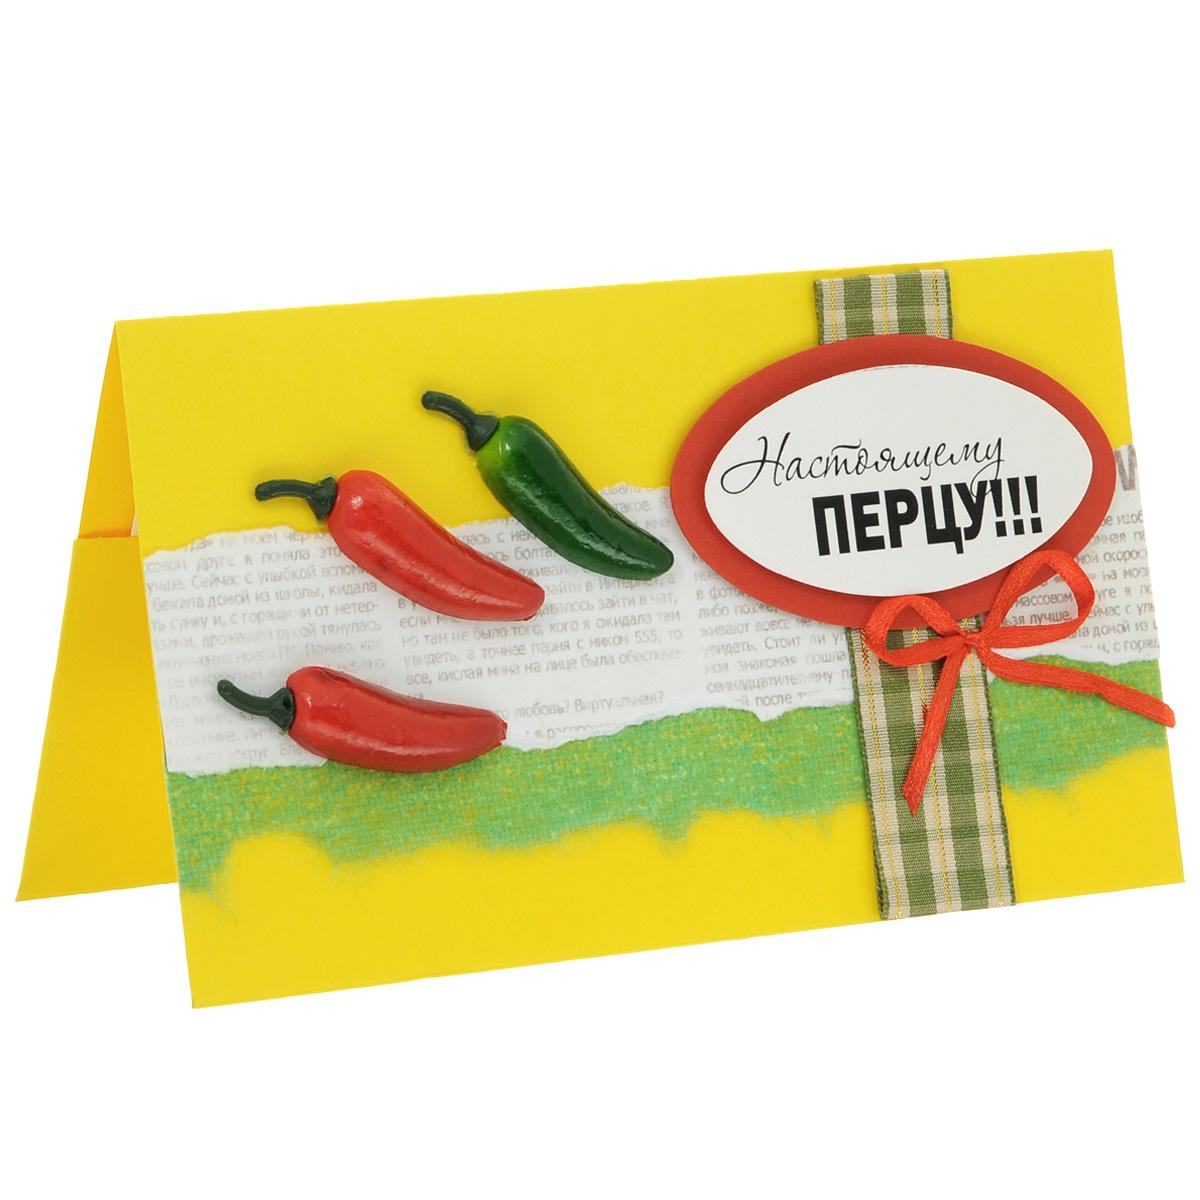 ОМ-0003 Открытка-конверт «Настоящему перцу!». Студия «Тётя Роза»95221Характеристики: Размер 19 см x 11 см.Материал: Высоко-художественный картон, бумага, декор. Данная открытка может стать как прекрасным дополнением к вашему подарку, так и самостоятельным подарком. Так как открытка является и конвертом, в который вы можете вложить ваш денежный подарок или просто написать ваши пожелания на вкладыше. Выразительная и «острая» открытка создана на сочетании ярких контрастов и поэтому берет на себя много внимания. В дизайне использованы разнофактурные материалы: печатный принт, атласные и тканые ленты. Почти настоящие острые перчики задают теме выразительный тон и некую пикантность. Обращаем Ваше внимание на то, что открытка может незначительно отличаться от представленной на фото.Открытки ручной работы от студии Тётя Роза отличаются своим неповторимым и ярким стилем. Каждая уникальна и выполнена вручную мастерами студии. (Открытка для мужчин, открытка для женщины, открытка на день рождения, открытка с днем свадьбы, открытка винтаж, открытка с юбилеем, открытка на все случаи, скрапбукинг)